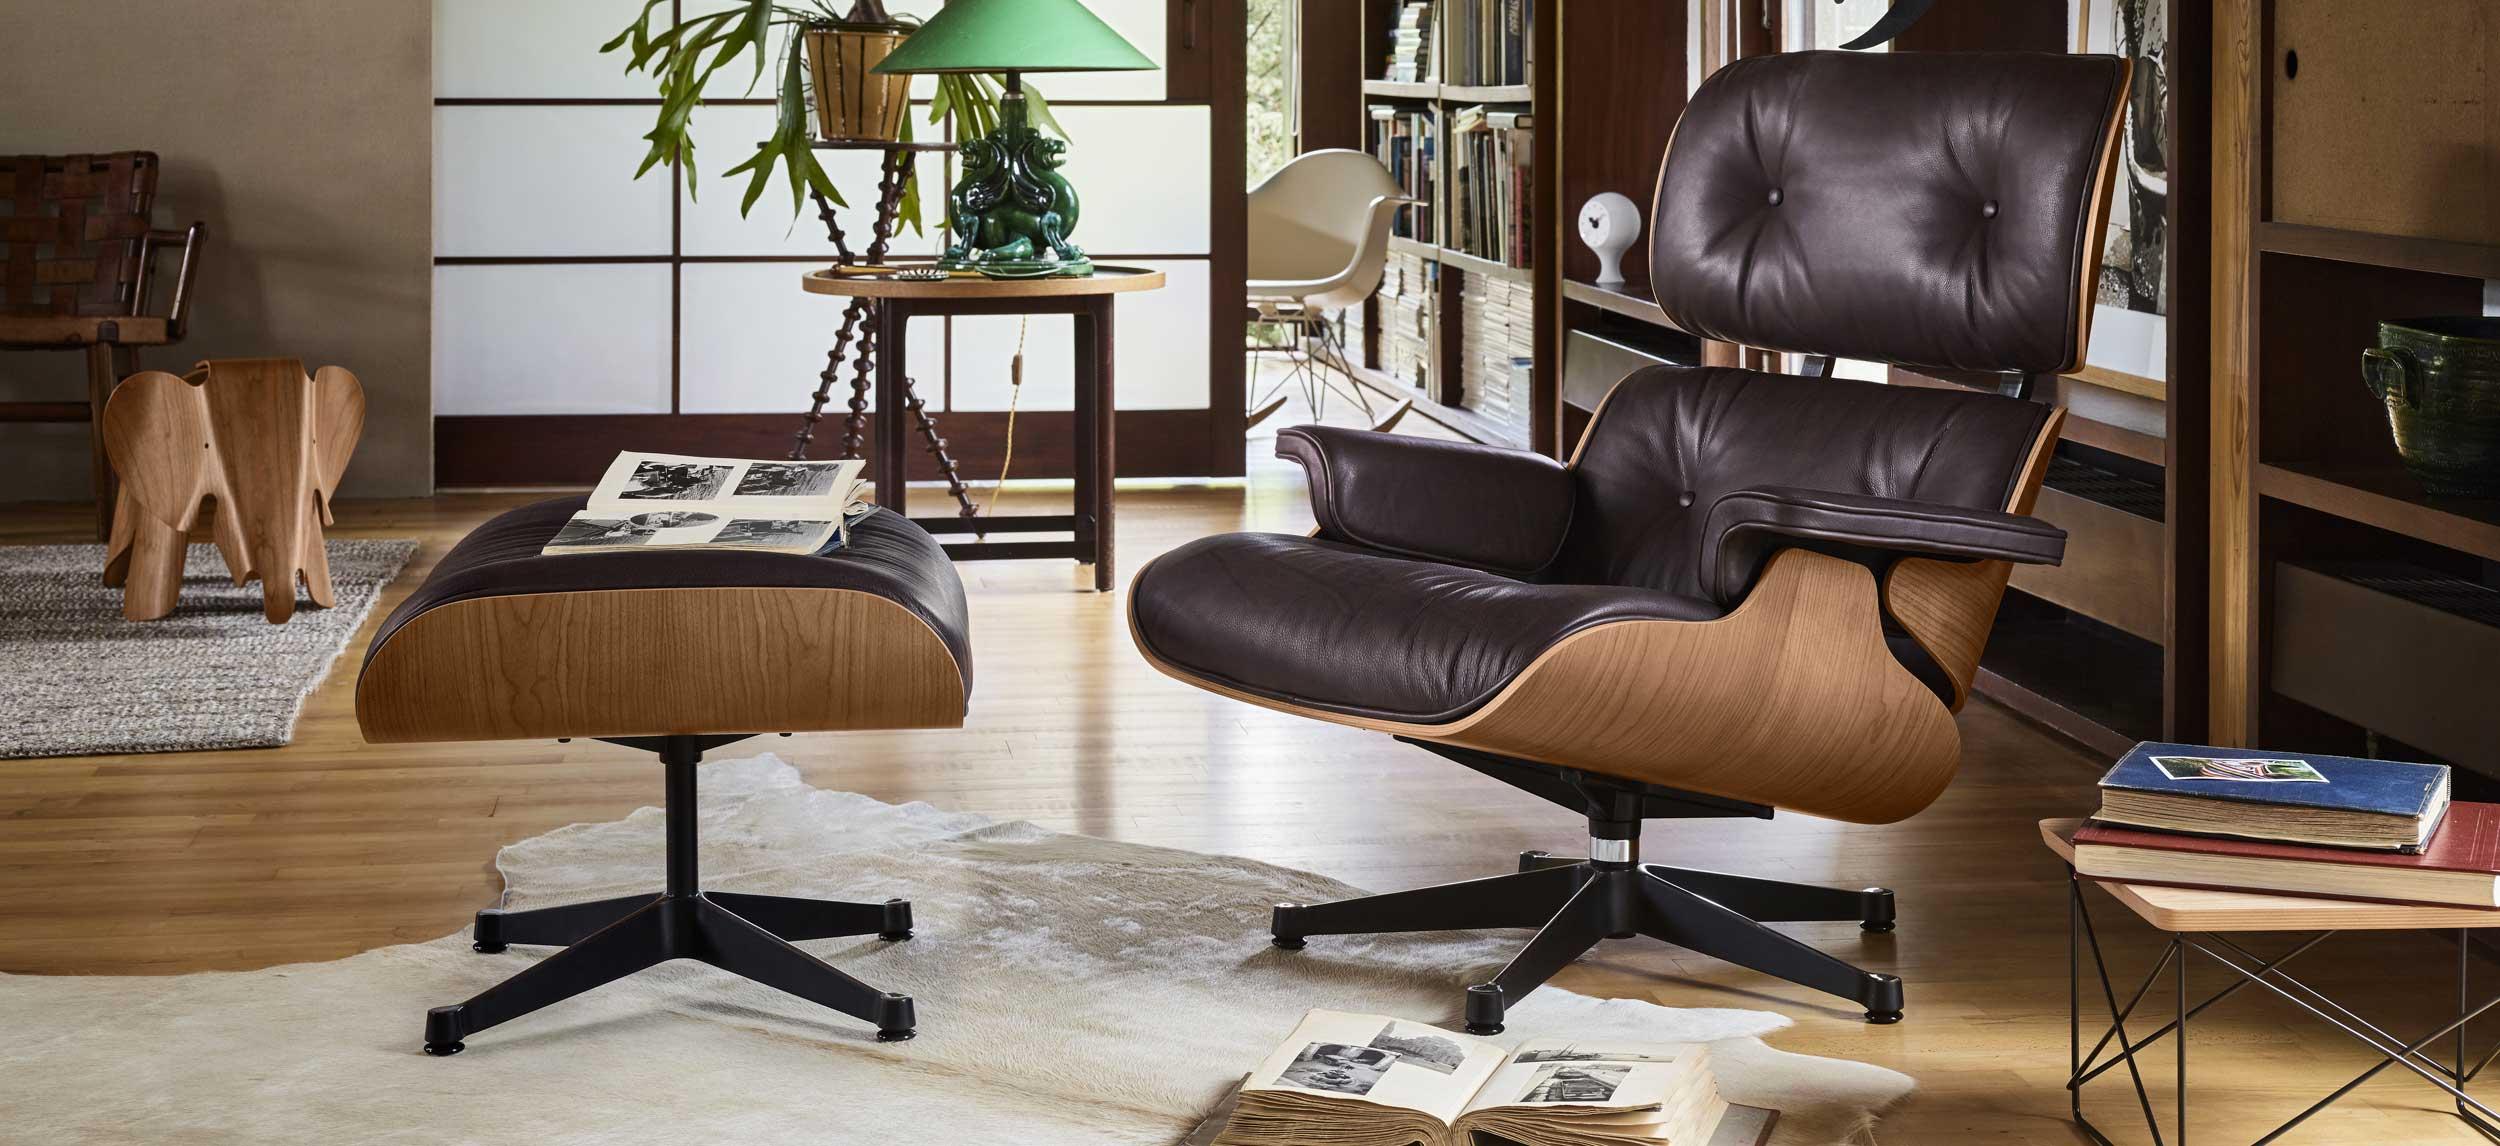 geschenke f r ihn geschenke x mas stoll online shop. Black Bedroom Furniture Sets. Home Design Ideas